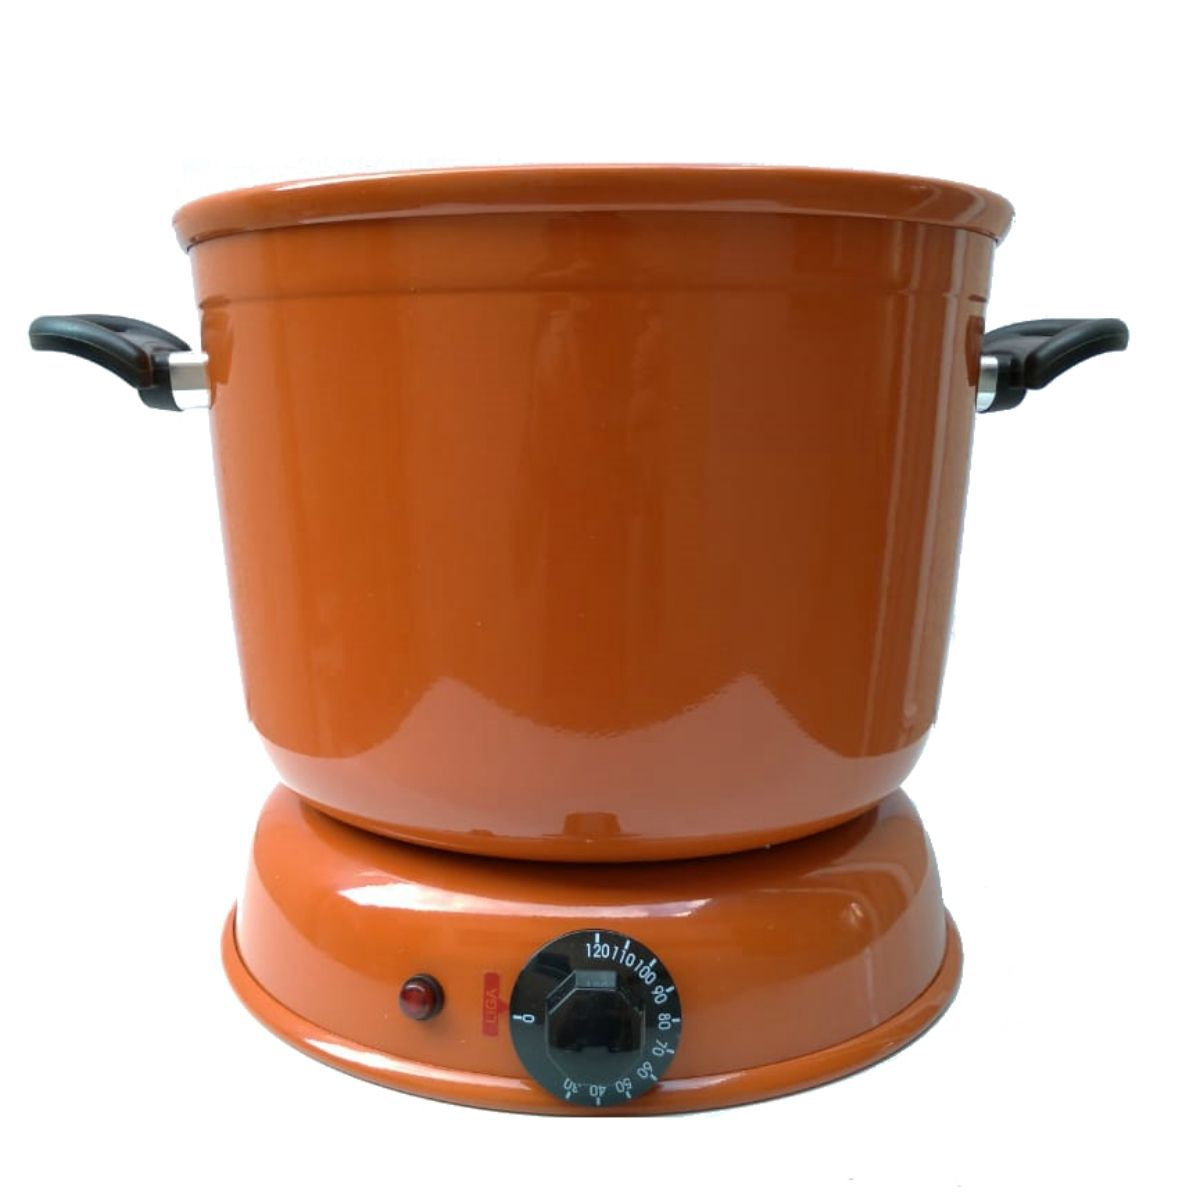 Kit Panela Derretedeira De Chocolate Elétrica Para Até 7kg Marrom 110V  + Picador e Triturador de Chocolate em Barra